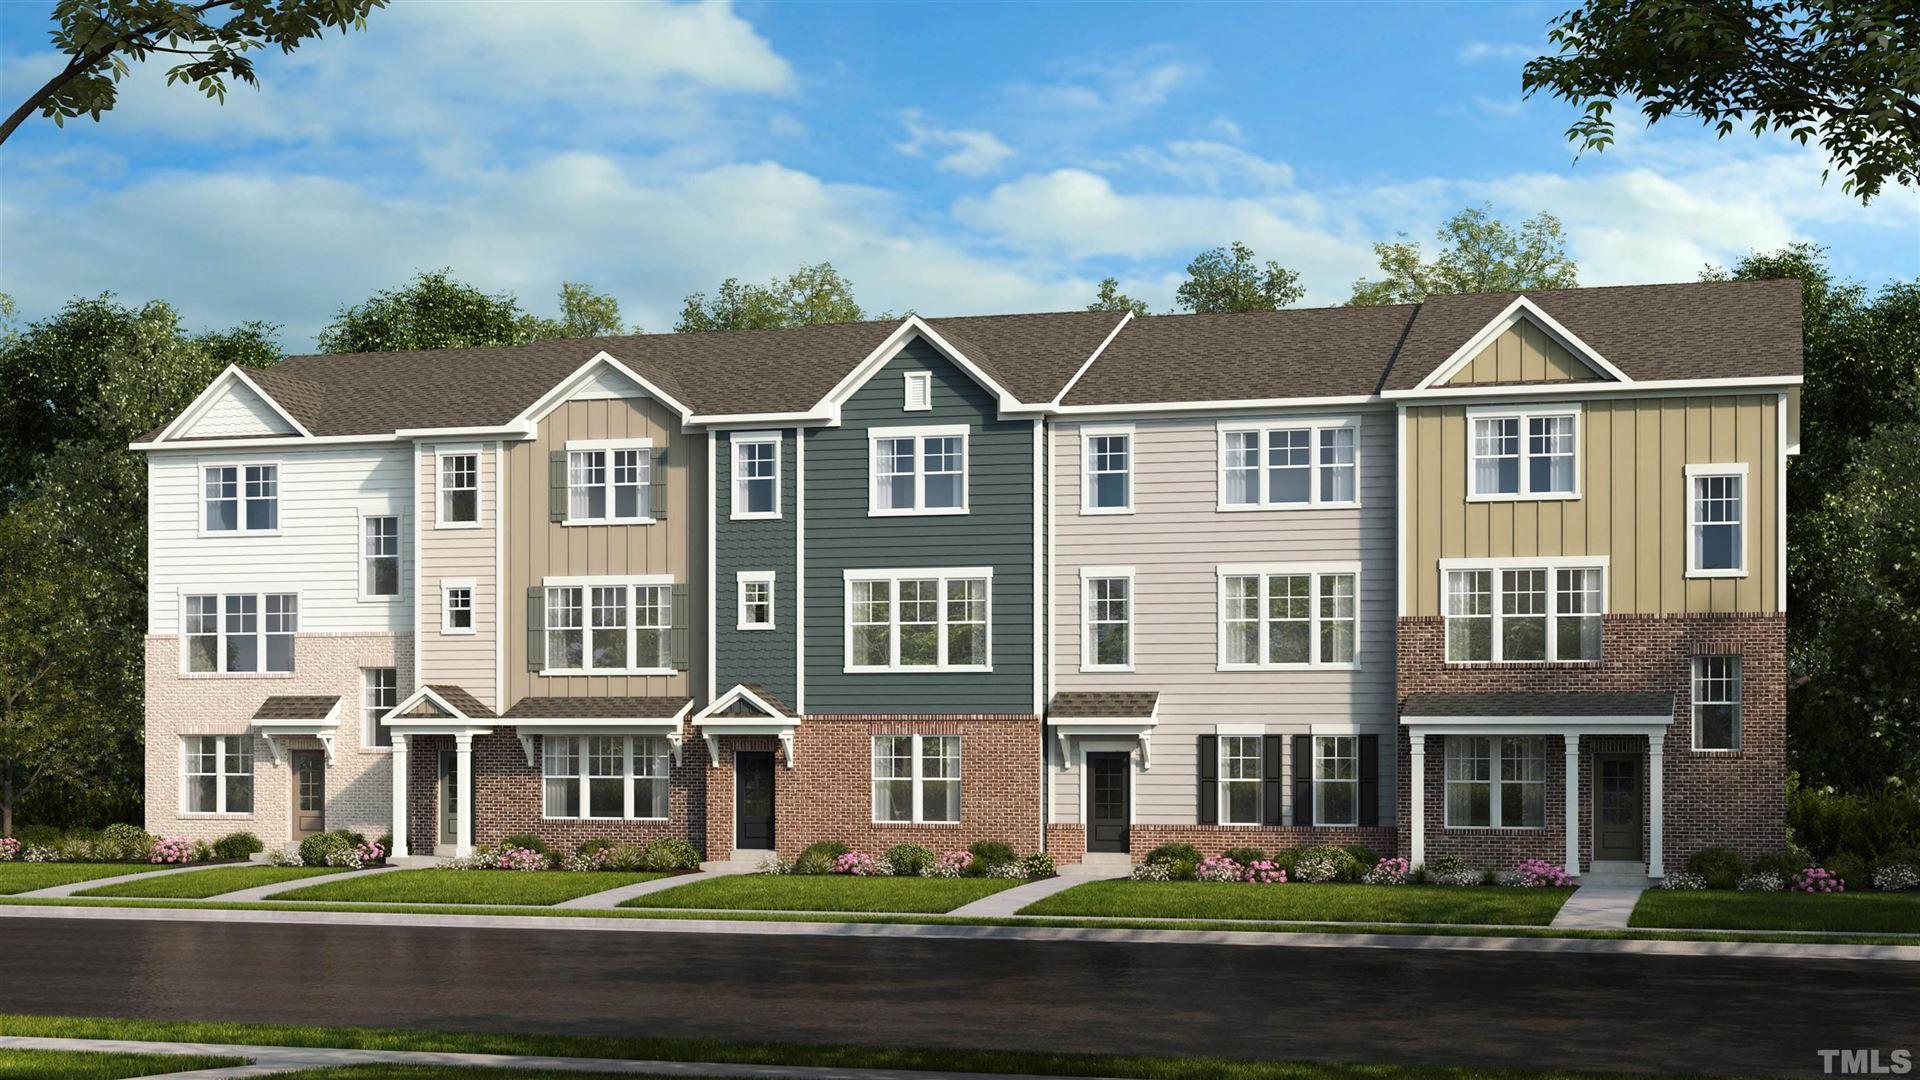 Photo of 6948 Leesville Road #18, Raleigh, NC 27613 (MLS # 2414924)